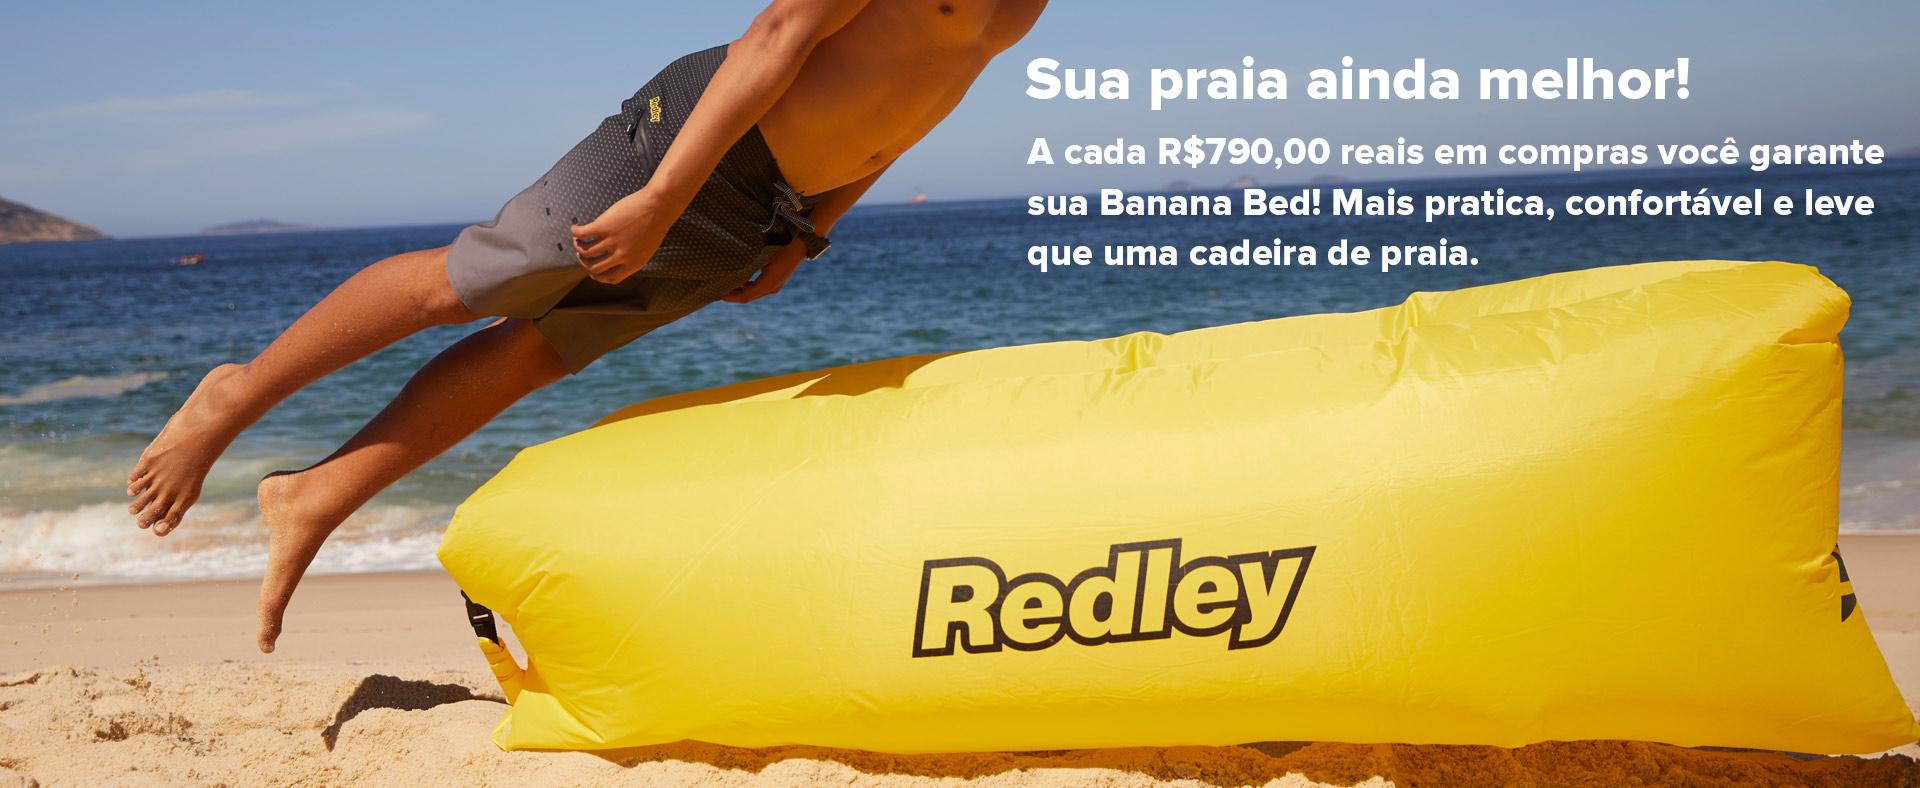 Redley Praia, banana bed, full banner